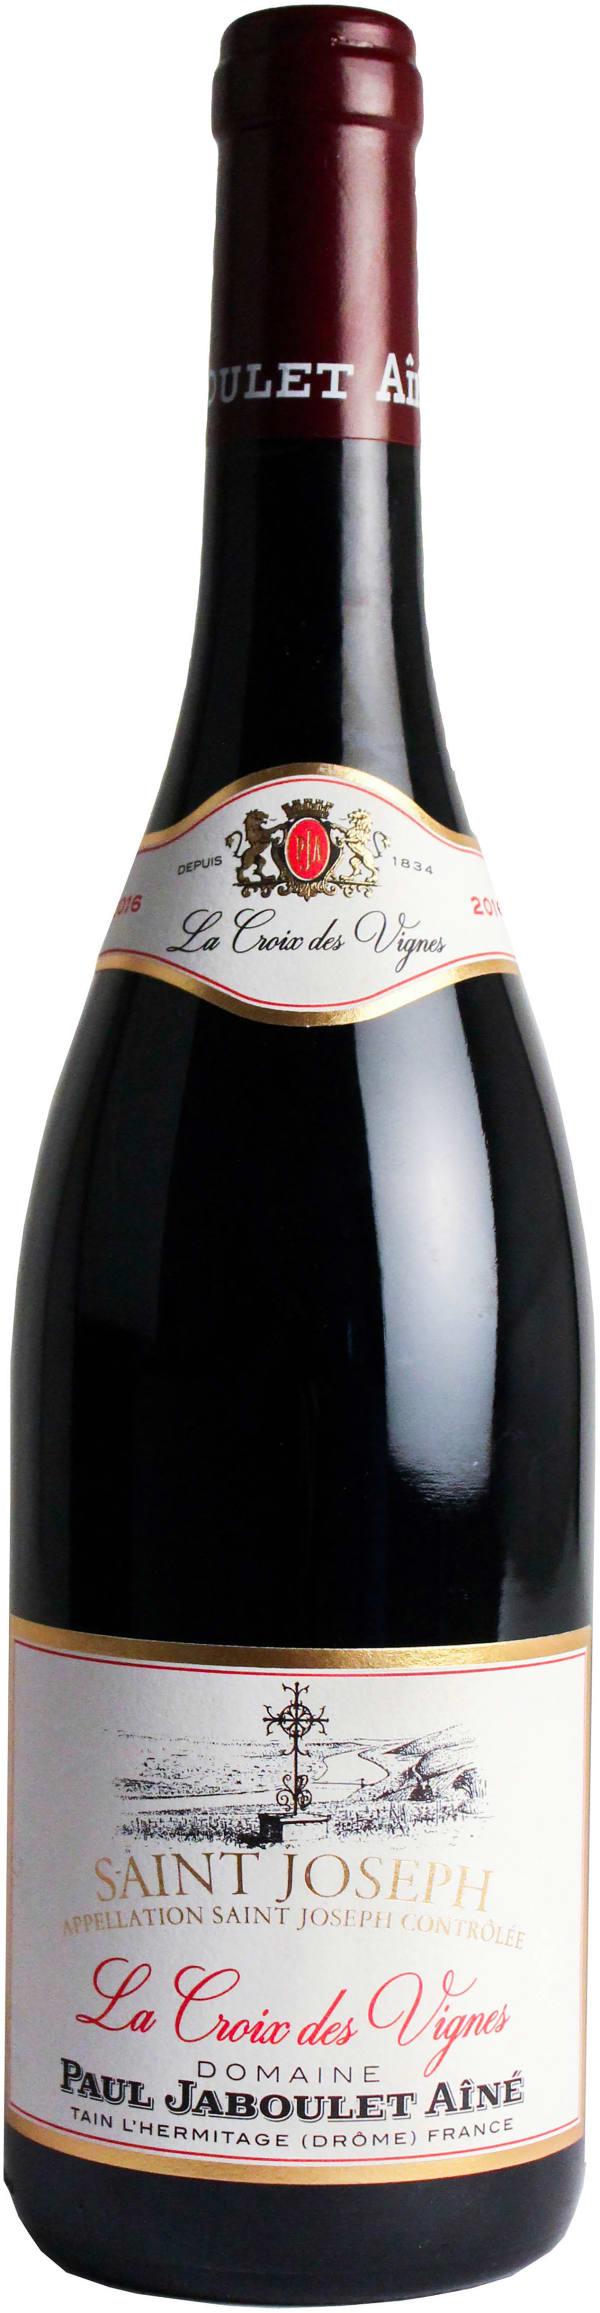 Jaboulet La Croix des Vignes Saint Joseph 2016